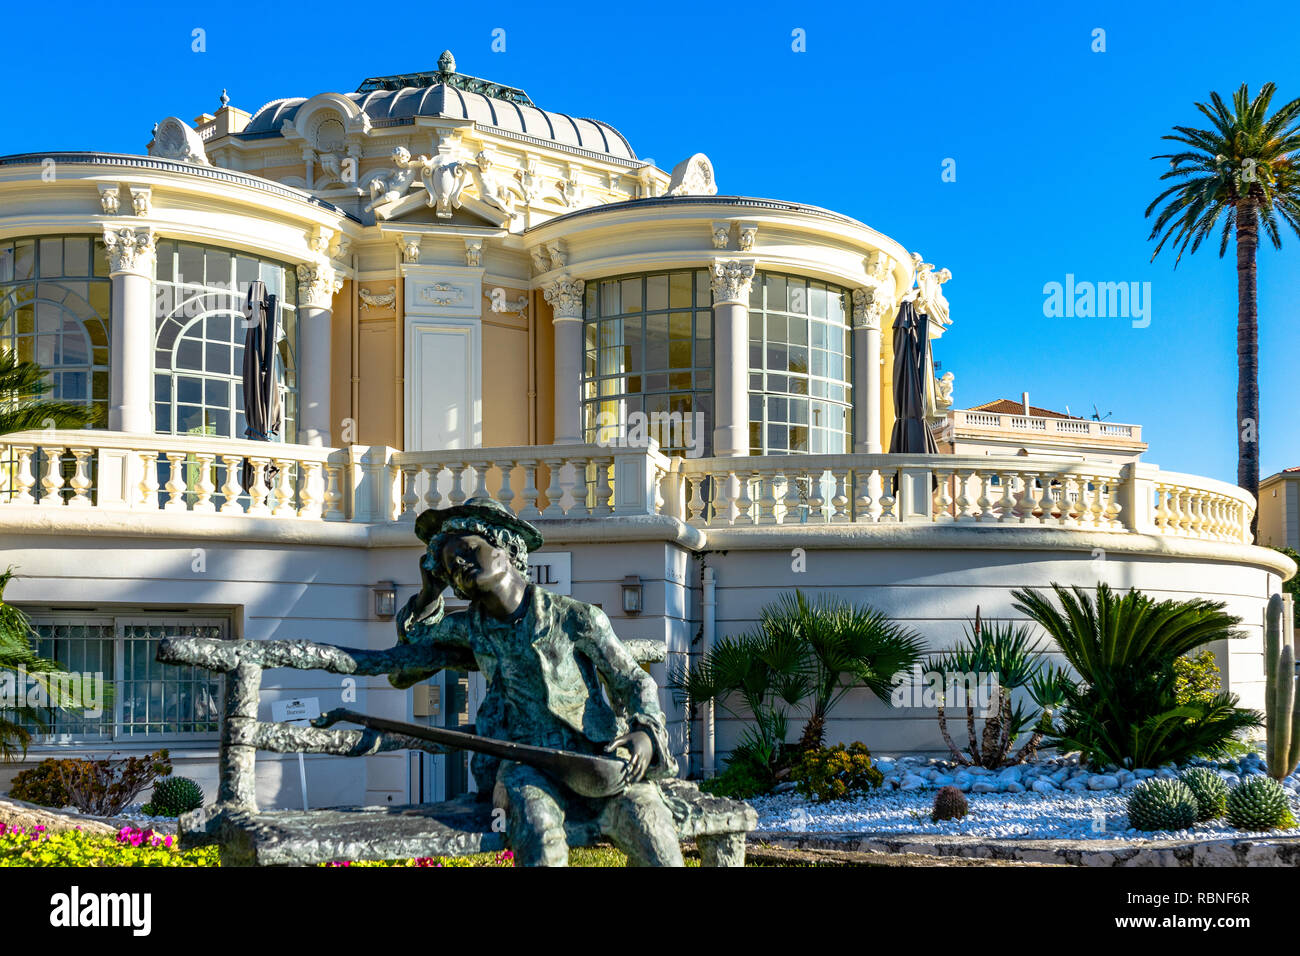 L'Europa. La Francia. Alpes-Maritimes (06). Beaulieu-sur-Mer. La Rotonde, c xix secolo Belle architettura di epoca Immagini Stock